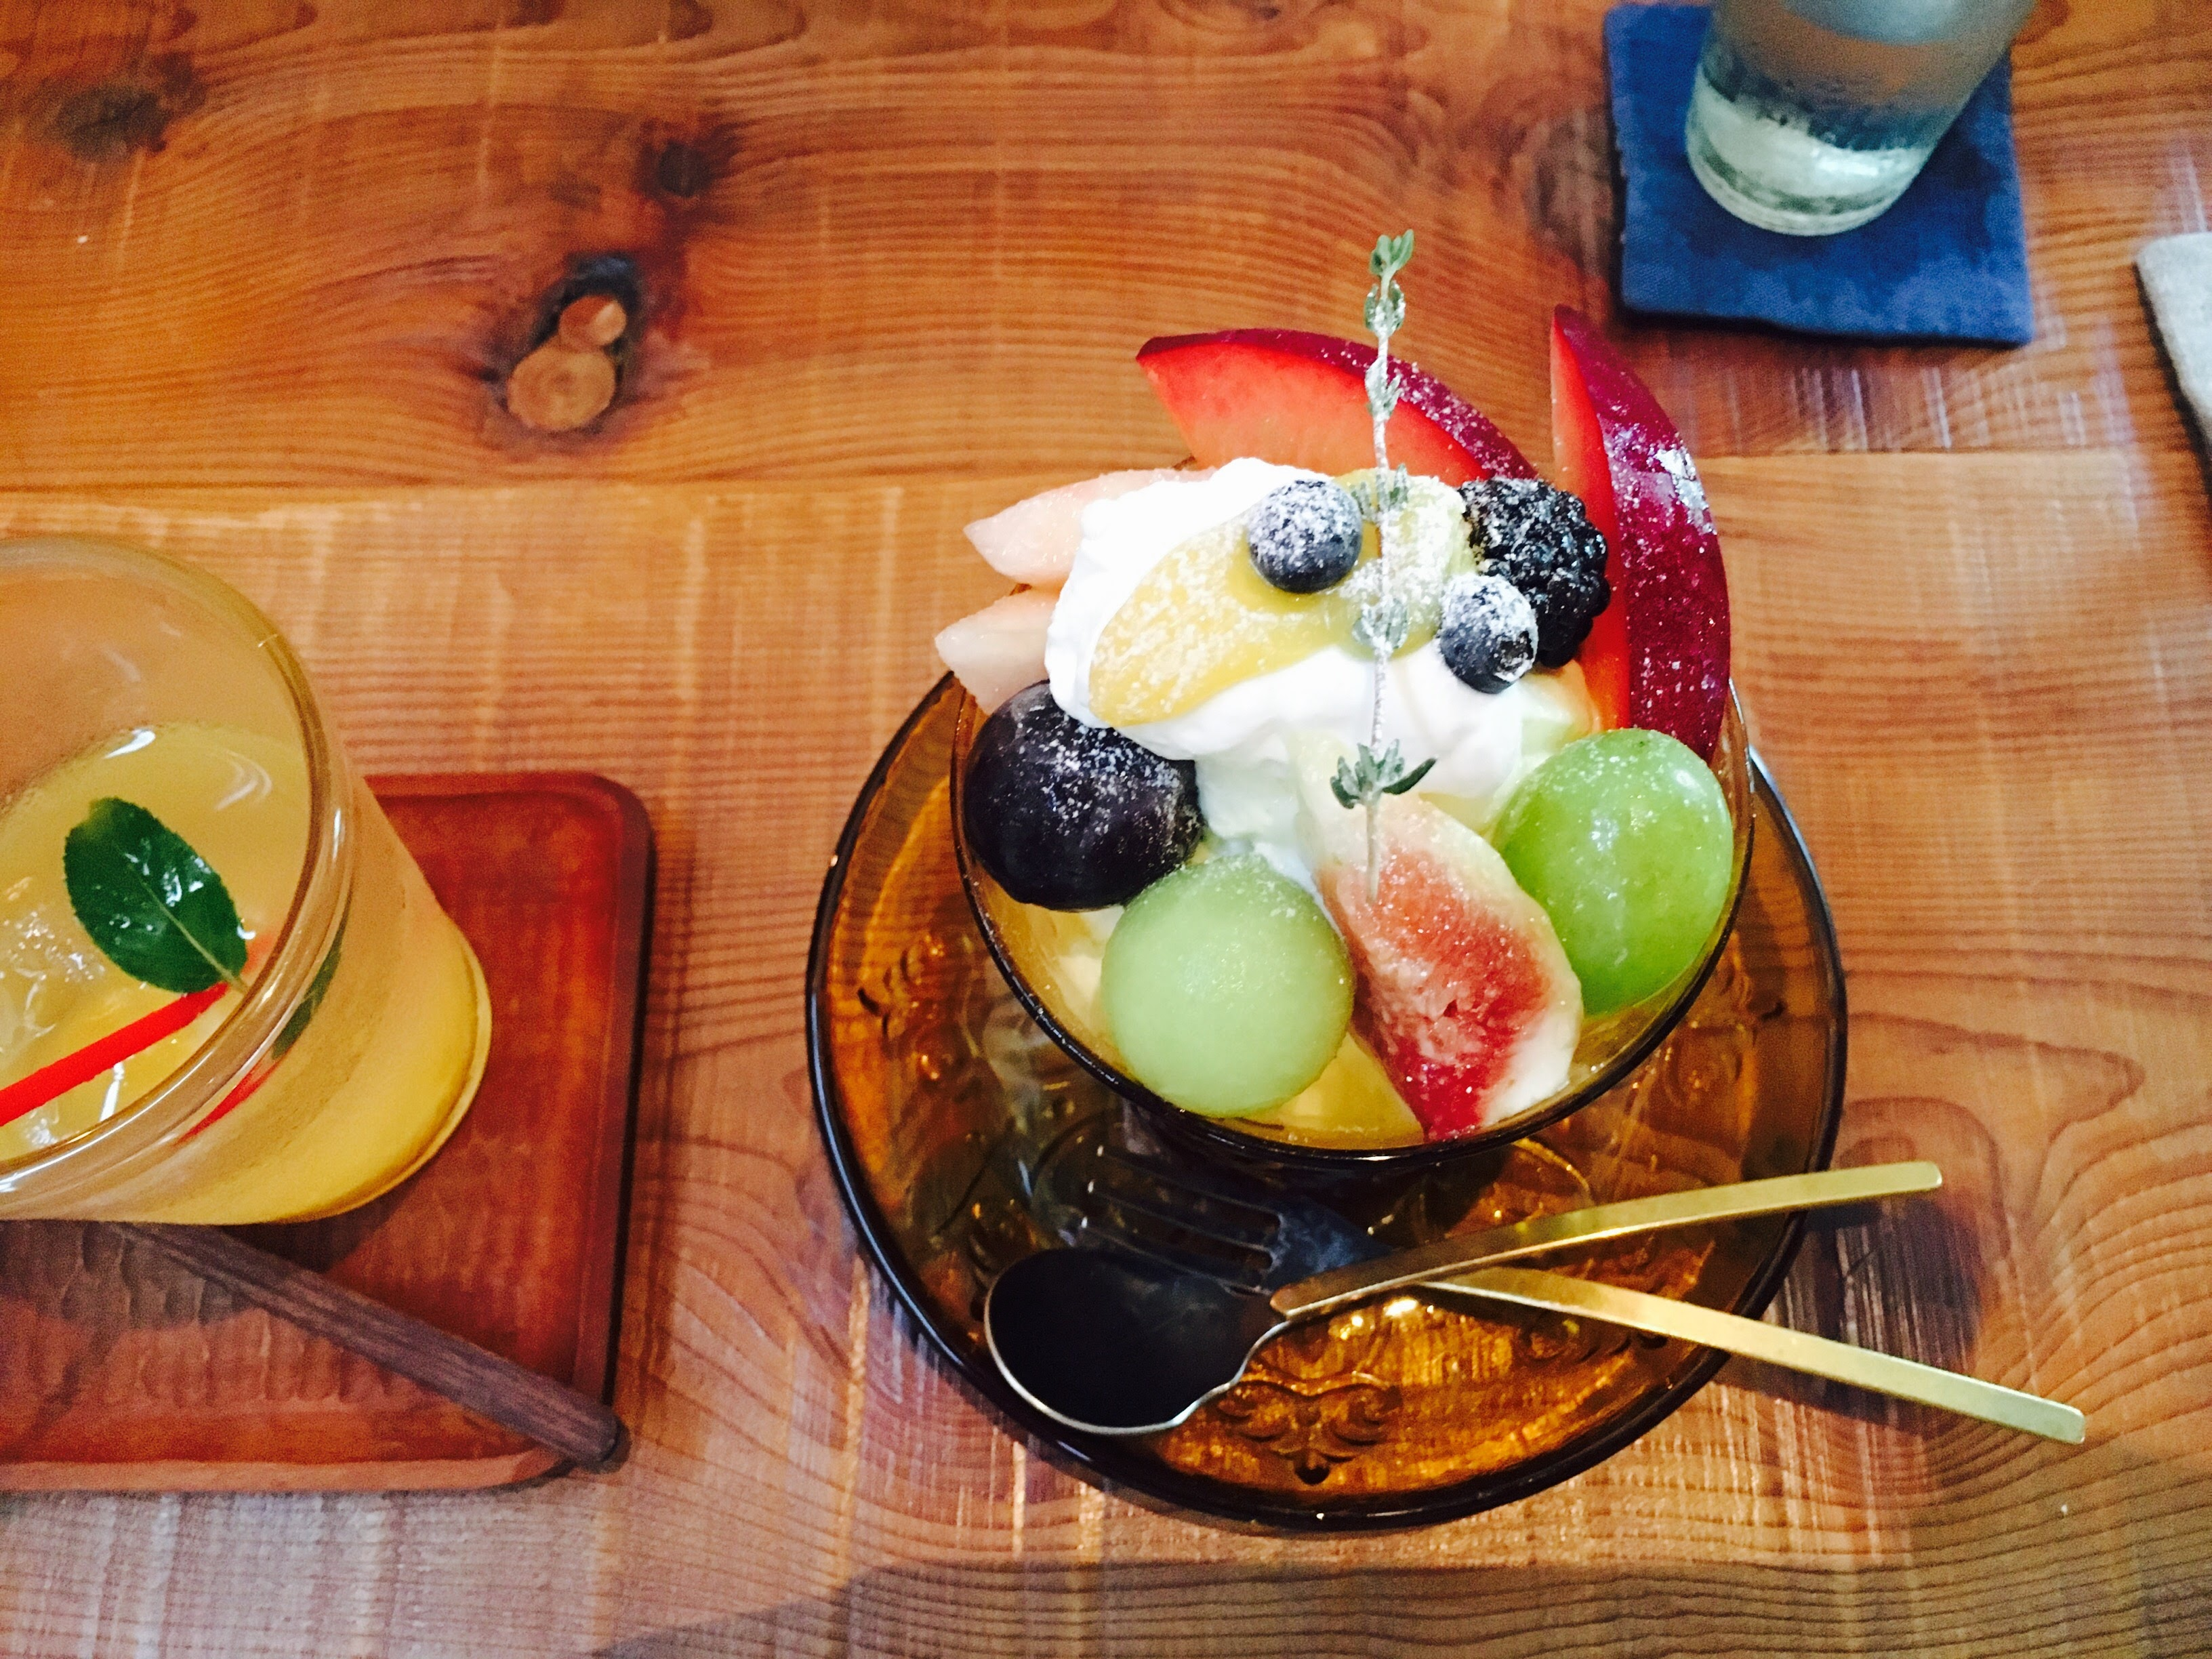 【ヒヨリカフェ】宇城の田舎道にひっそりと佇むこだわりカフェ